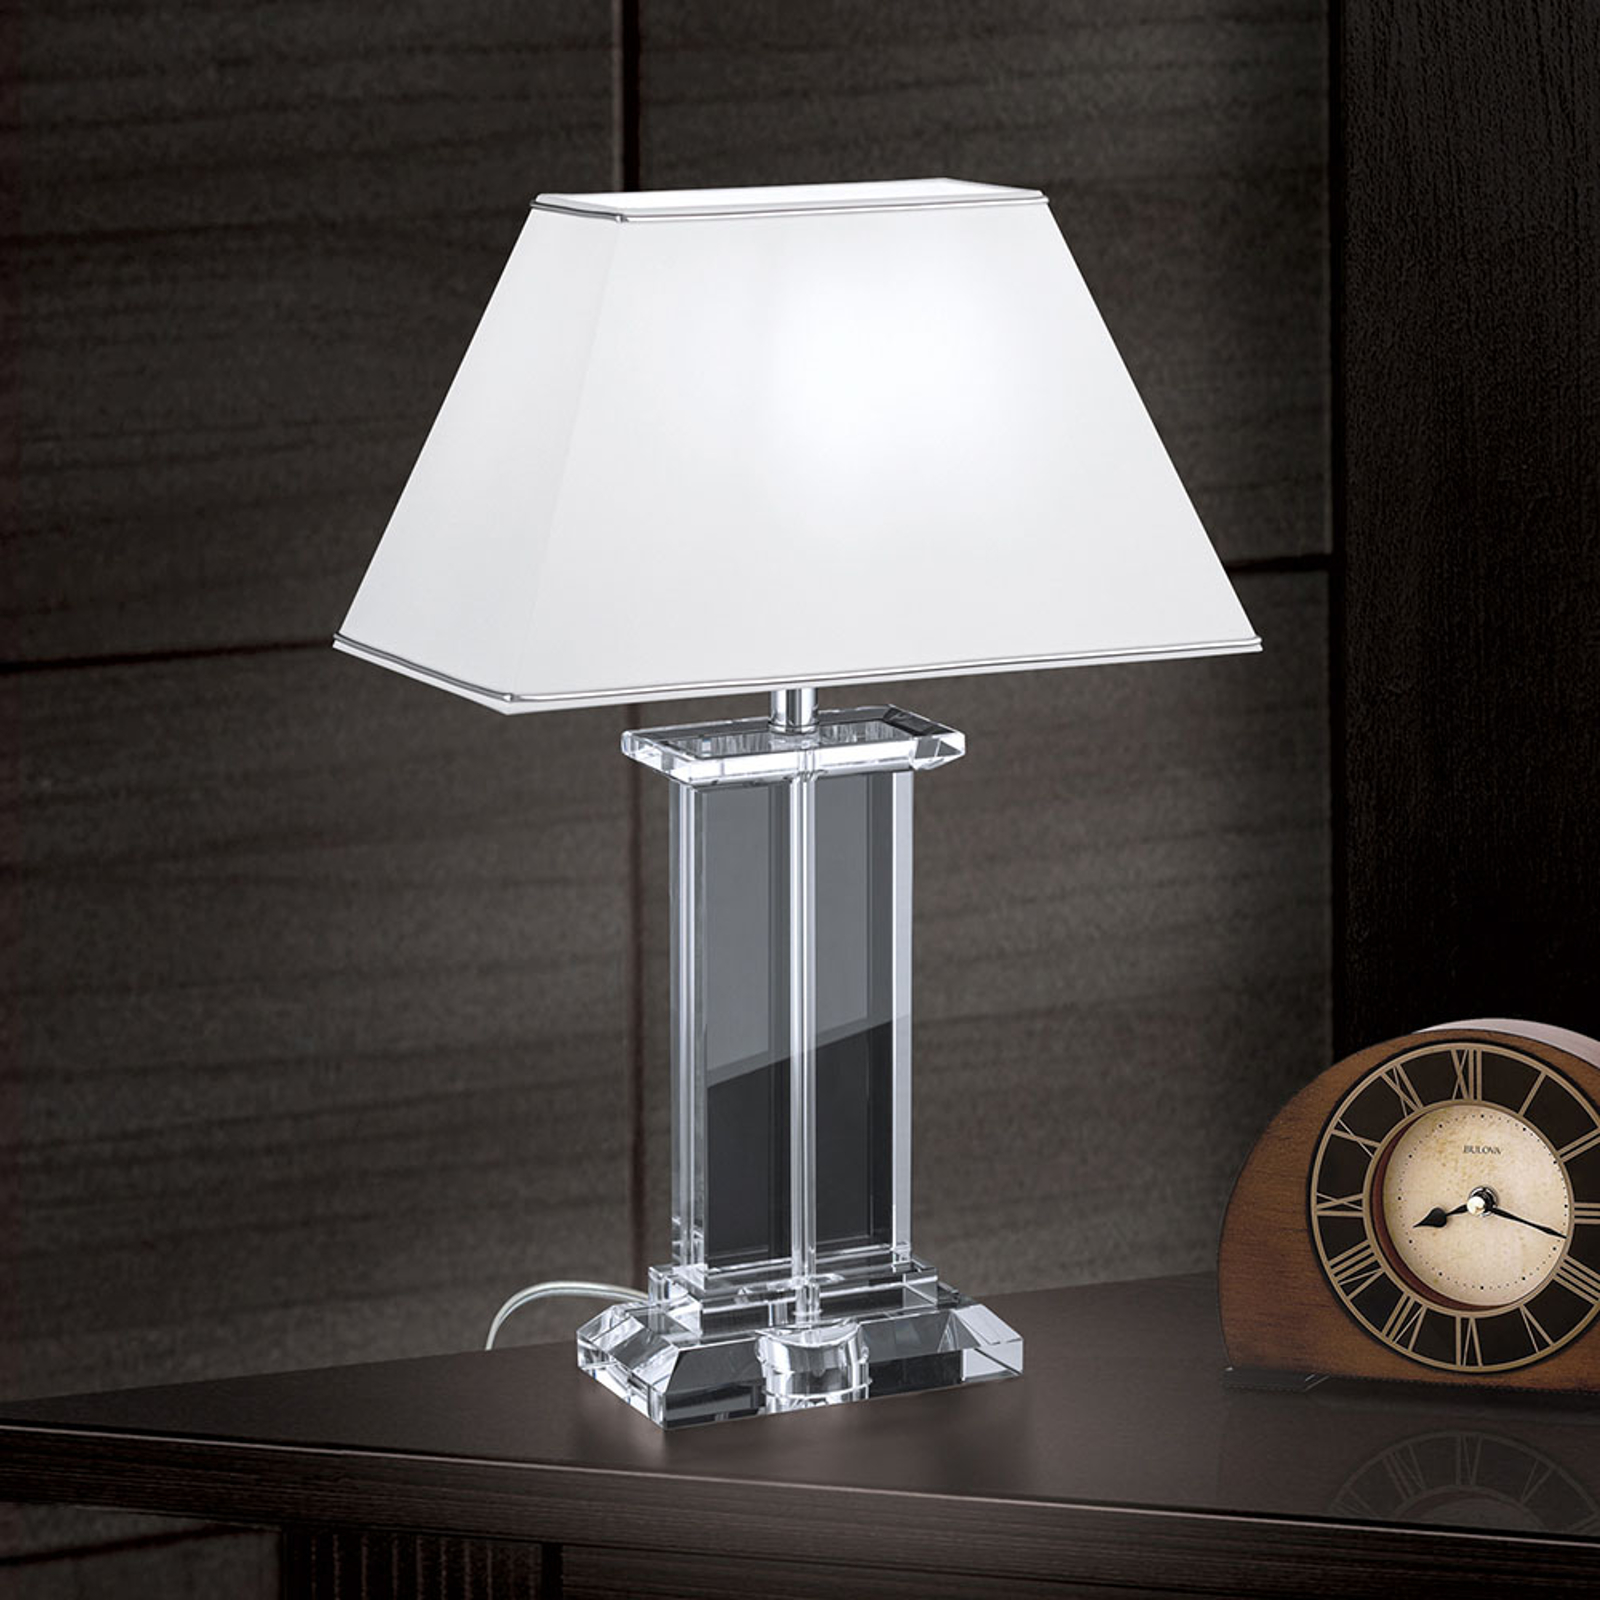 Lampa stołowa Veronique stopa szeroka biała/chrom